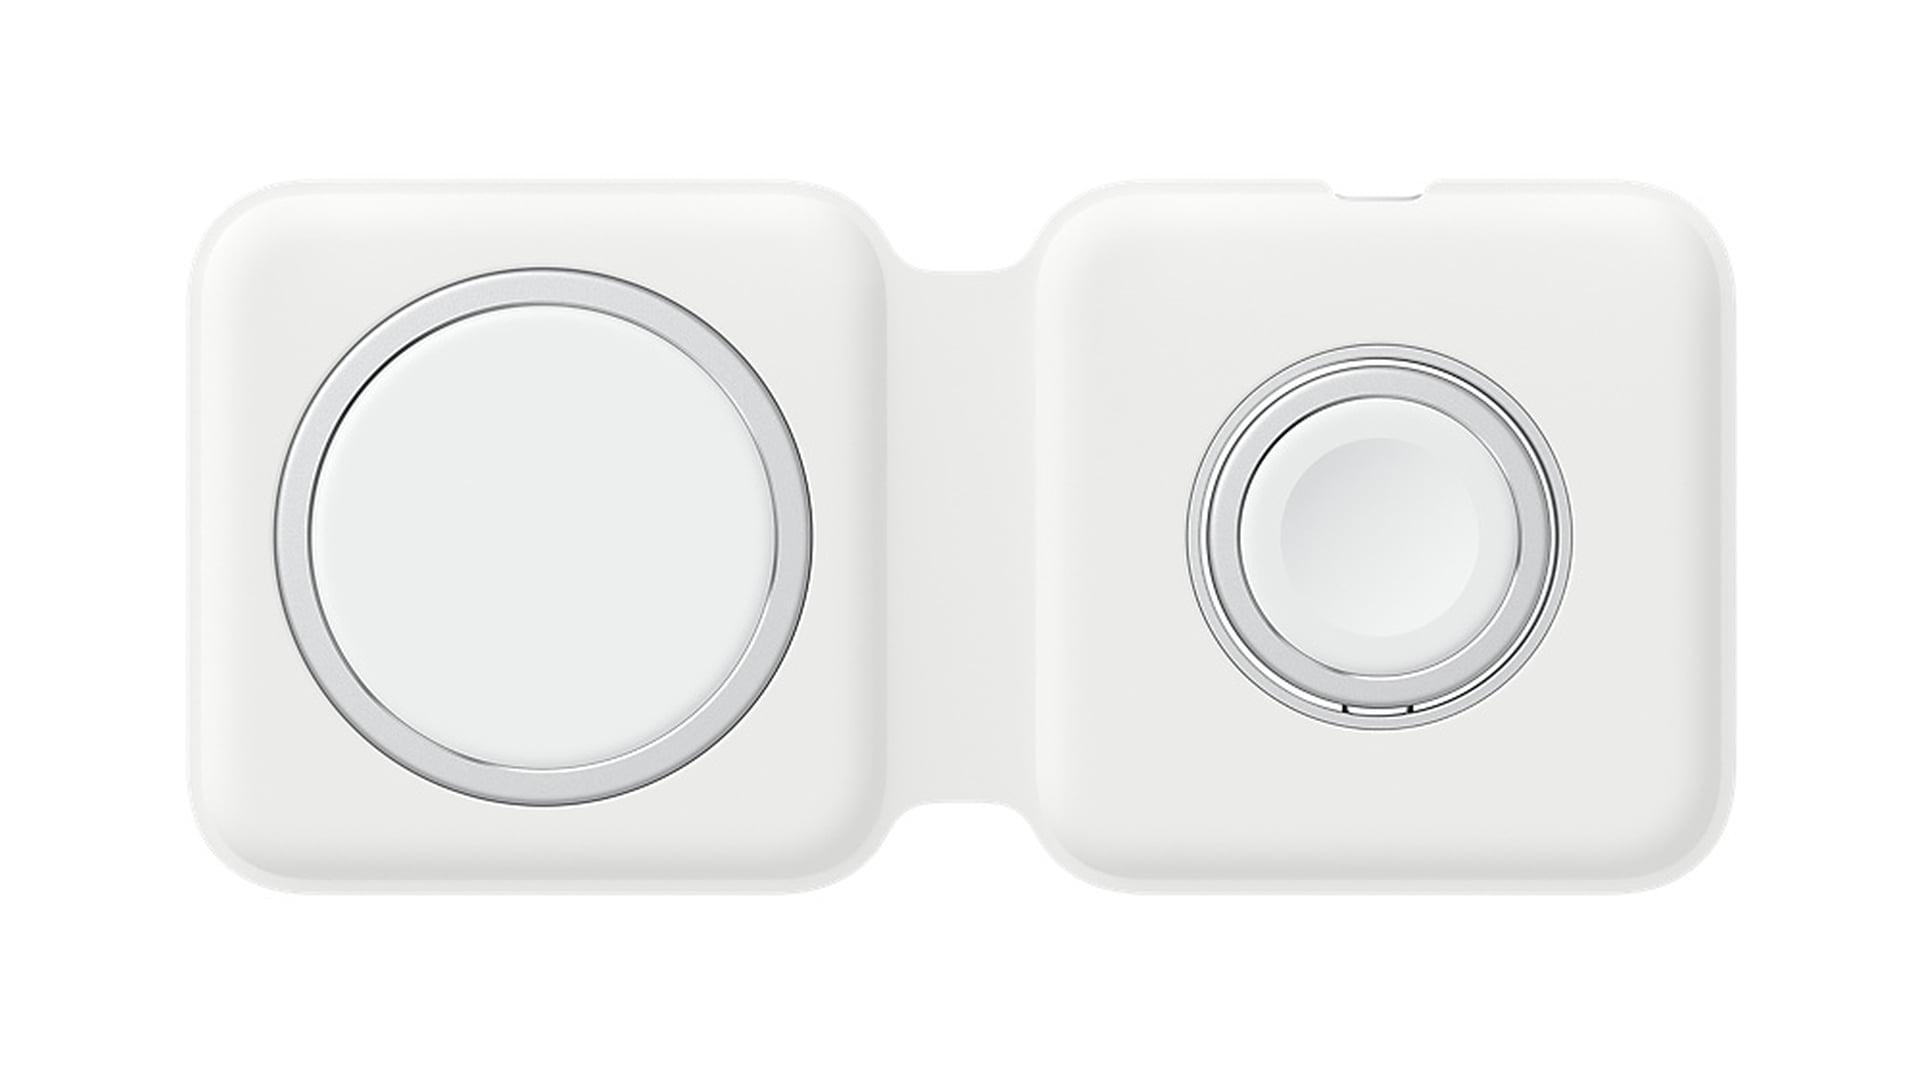 Nowe akcesoria do iPhone'ów z serii 12 w ofercie firmy Apple